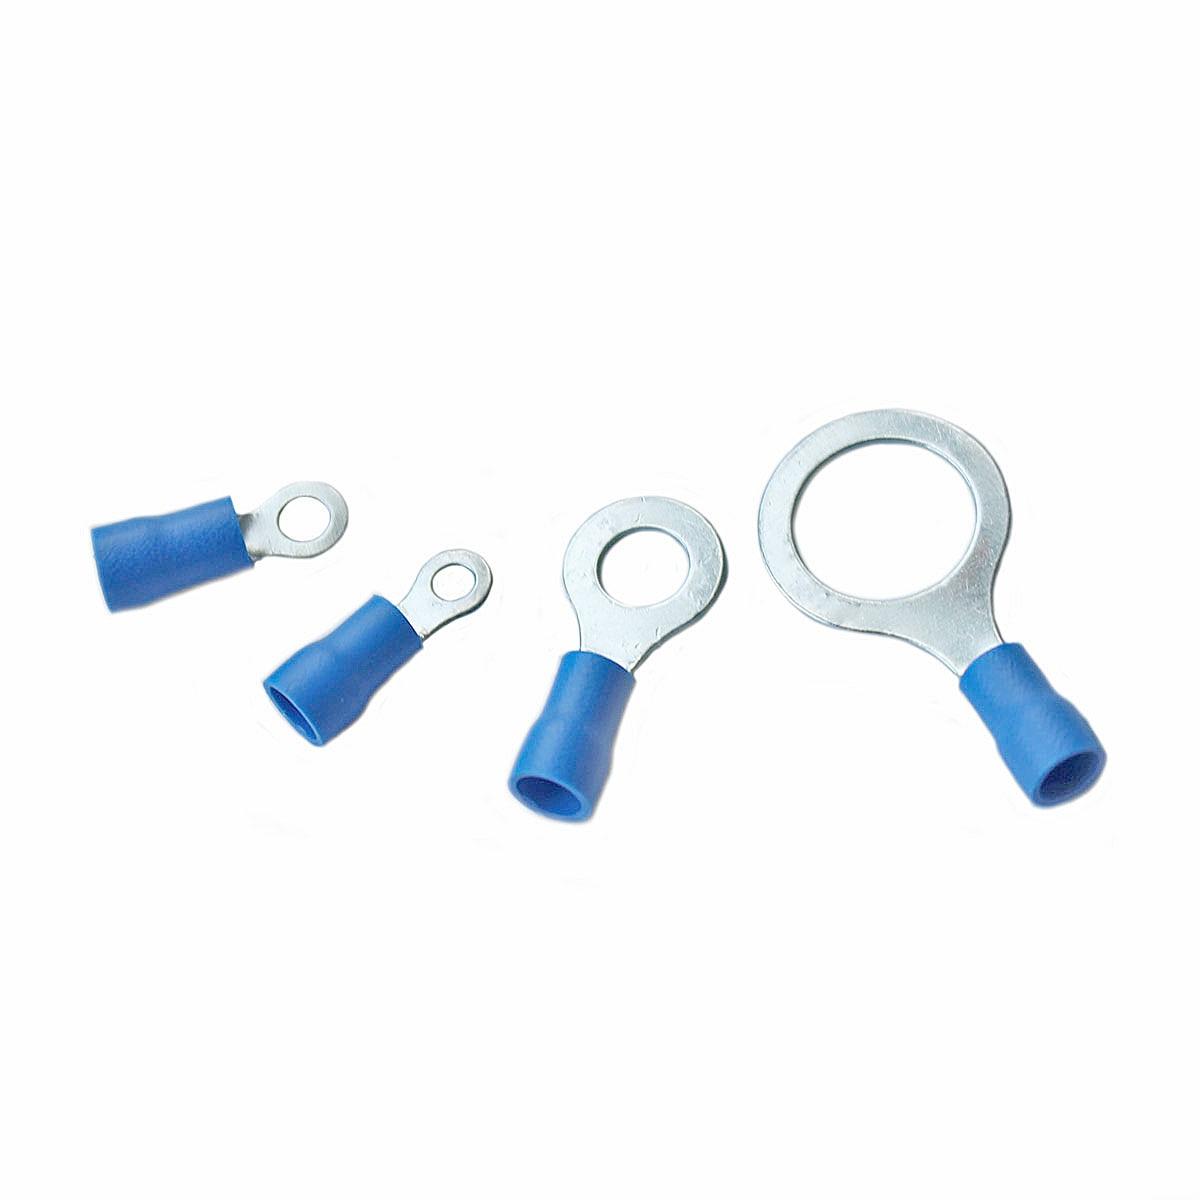 10/25/50/100 шт RV2 1,5-2,5 мм изолированные синий кольцу клемы провод кабель электрические соединители 16-14 AWG комплект M3/M4/M5/M6/M8